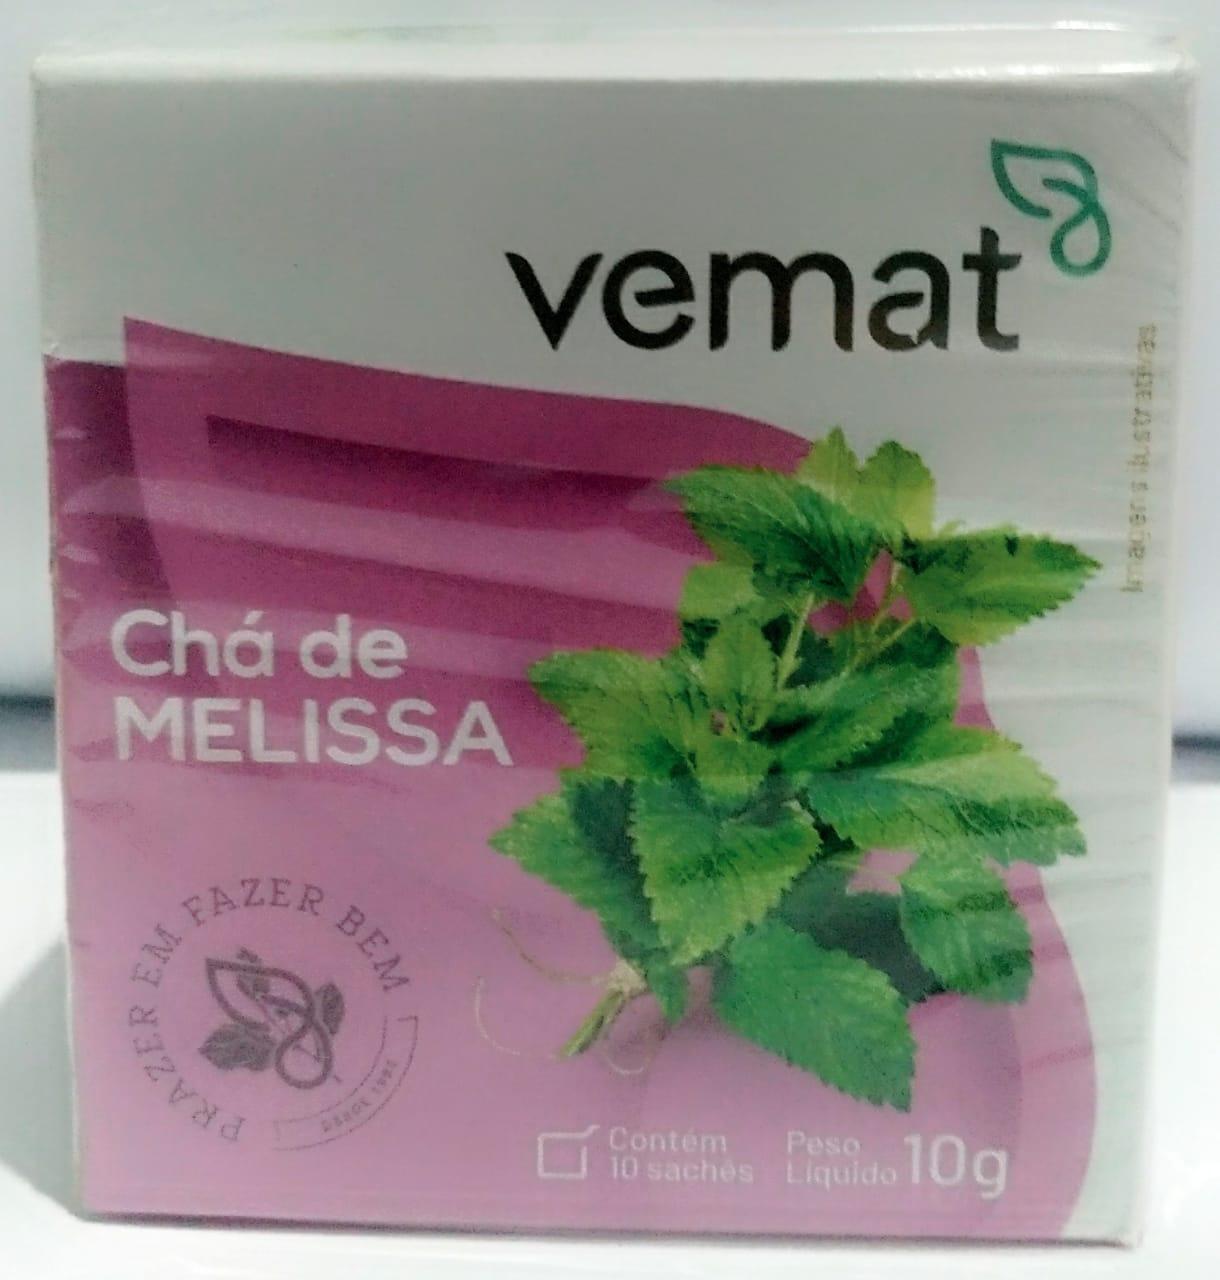 Cha Melissa 10 Saches 10g Vemat